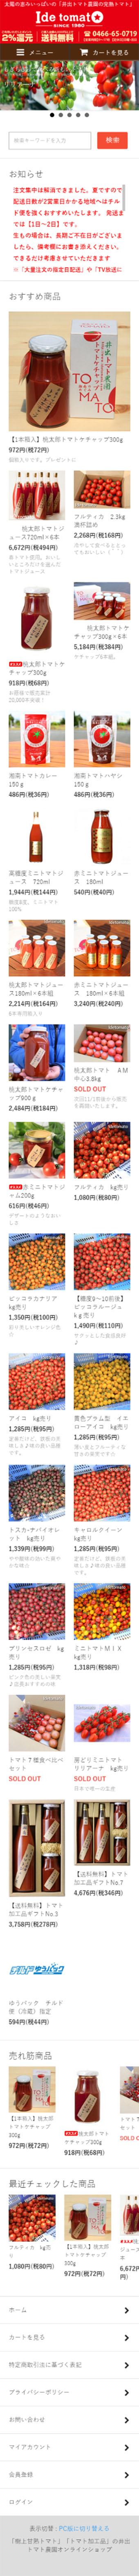 井出トマト様AFTER